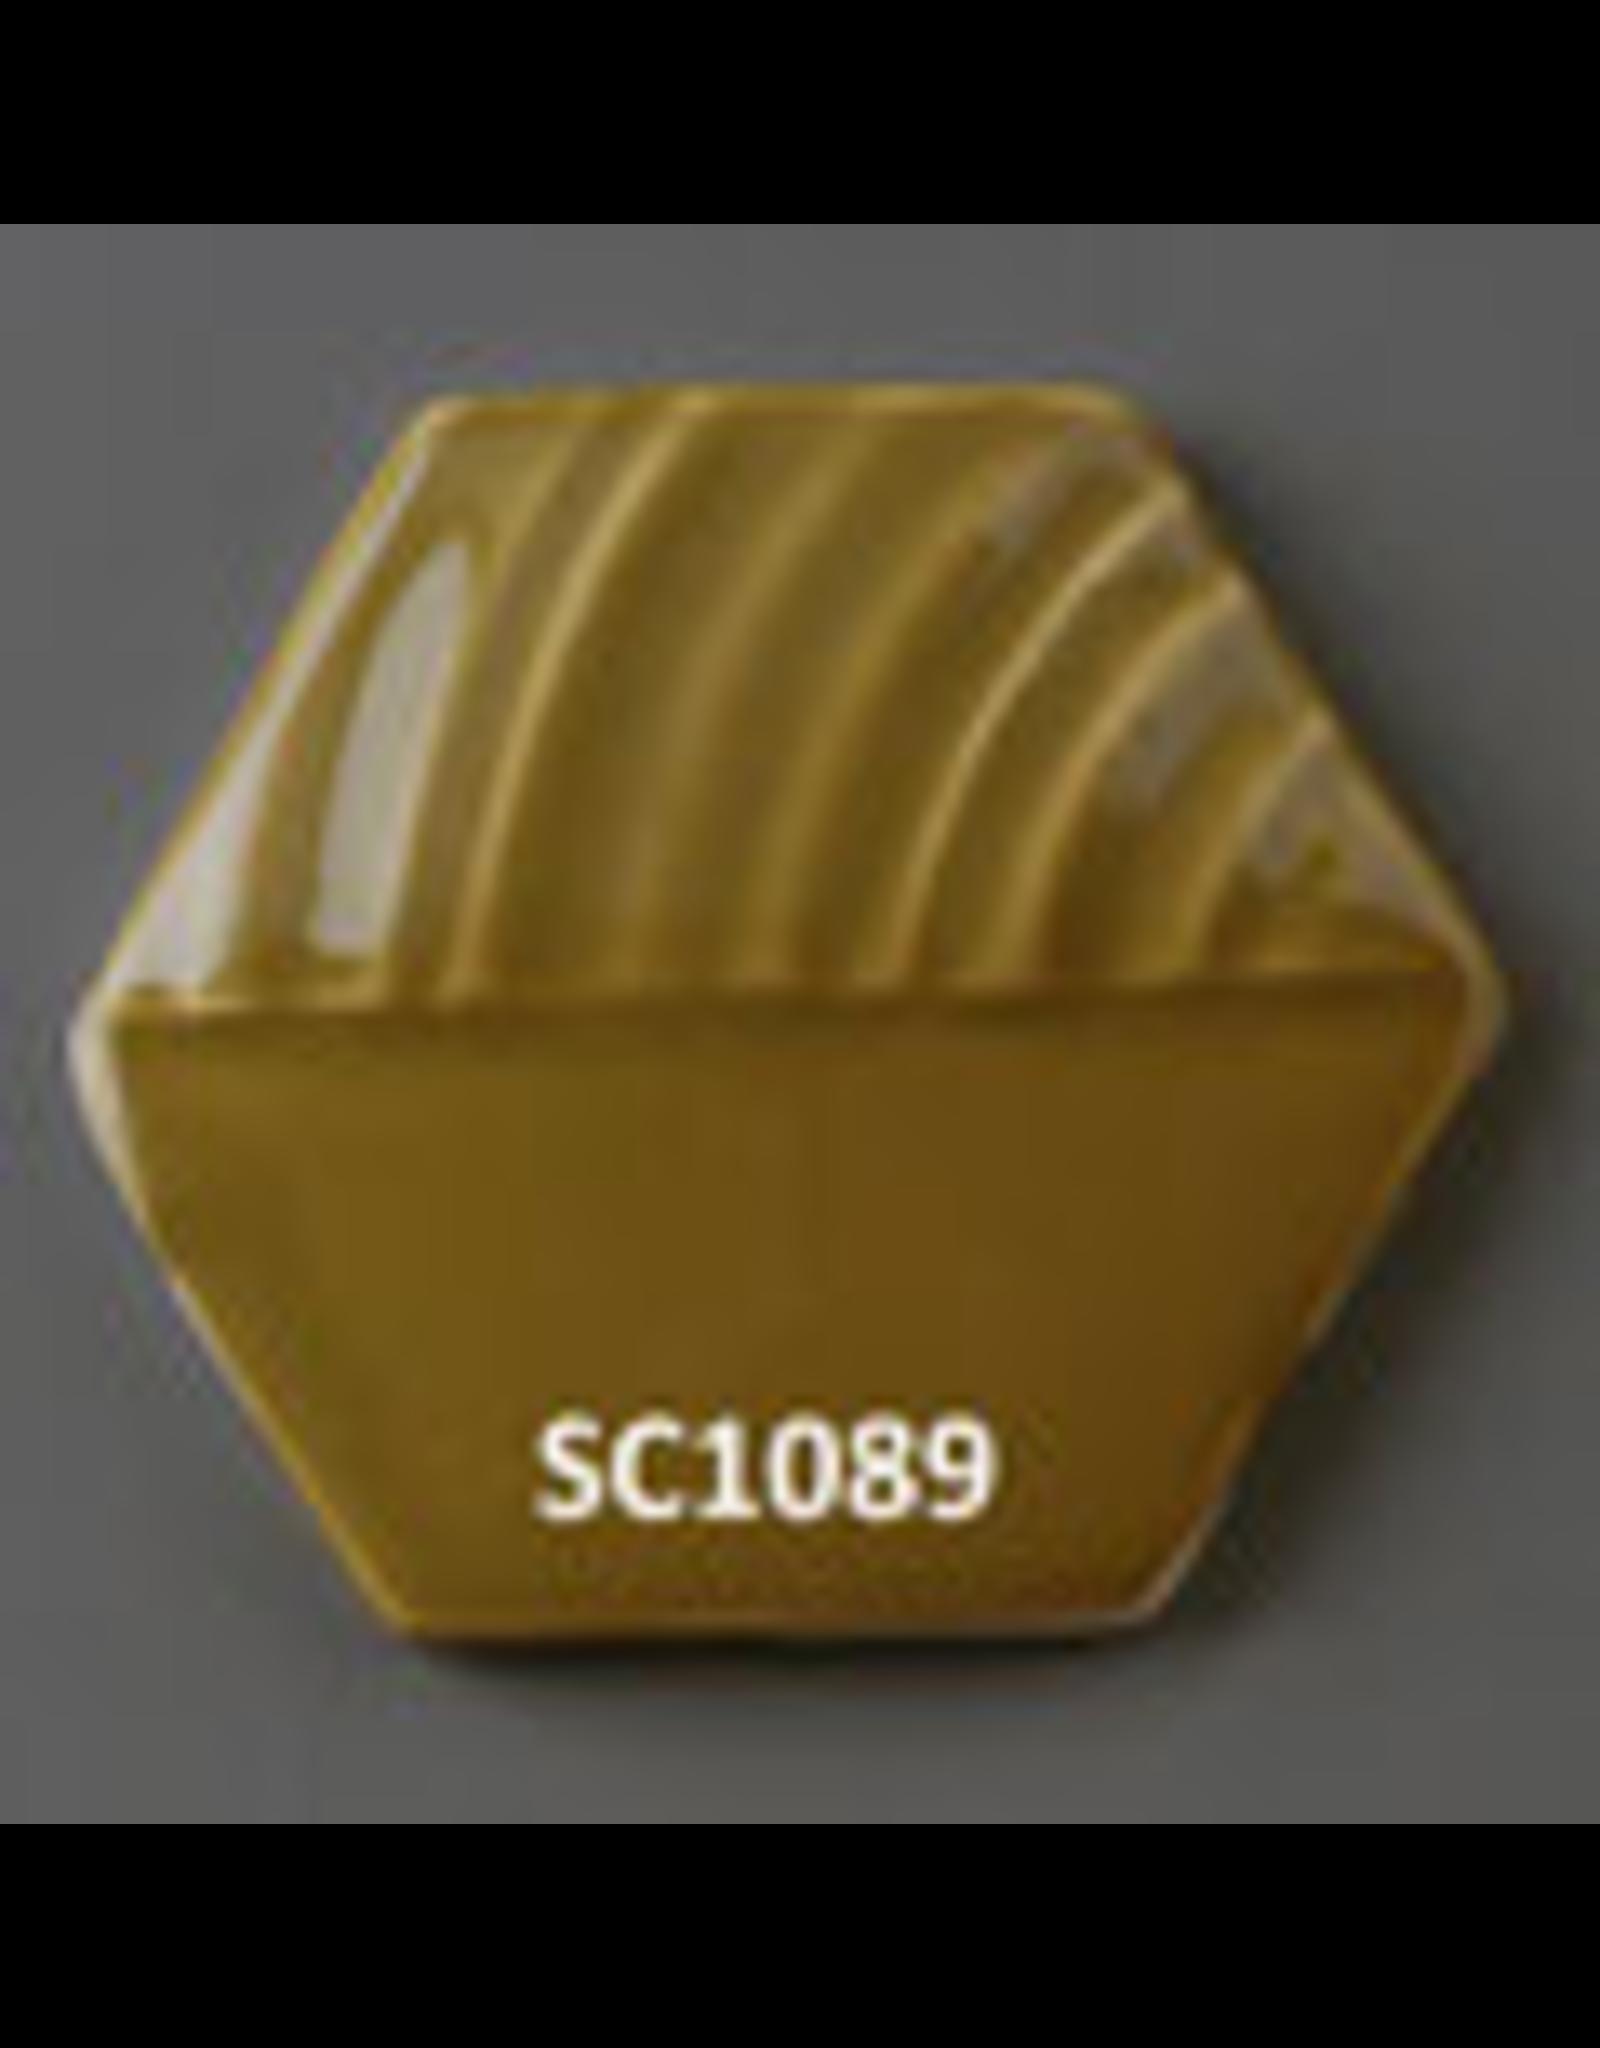 Sneyd Khaki (Zr,Si,Pr,Fe,Co) Glaze Stain